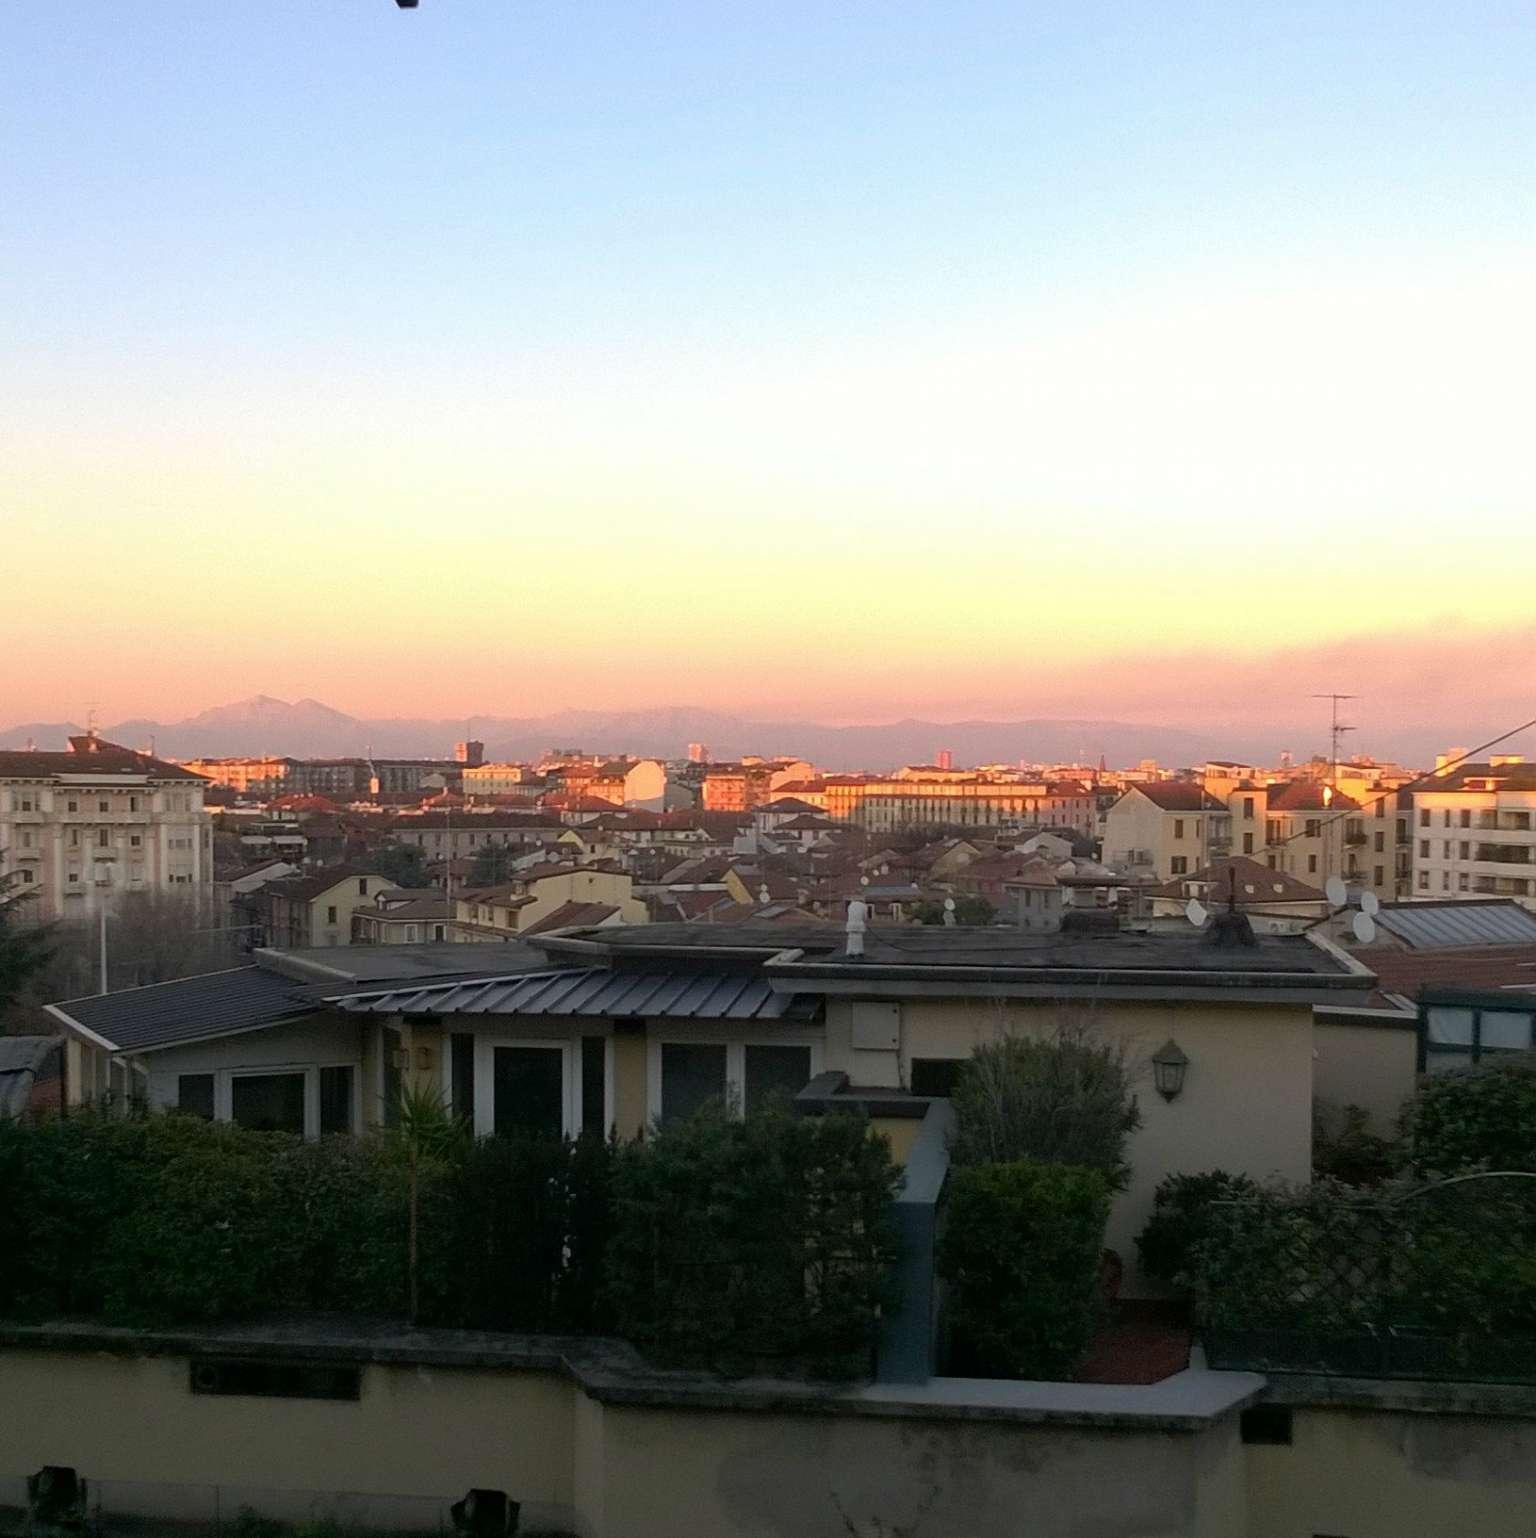 Appartamento in vendita a Milano, 4 locali, zona Zona: 5 . Citta' Studi, Lambrate, Udine, Loreto, Piola, Ortica, prezzo € 650.000 | Cambio Casa.it